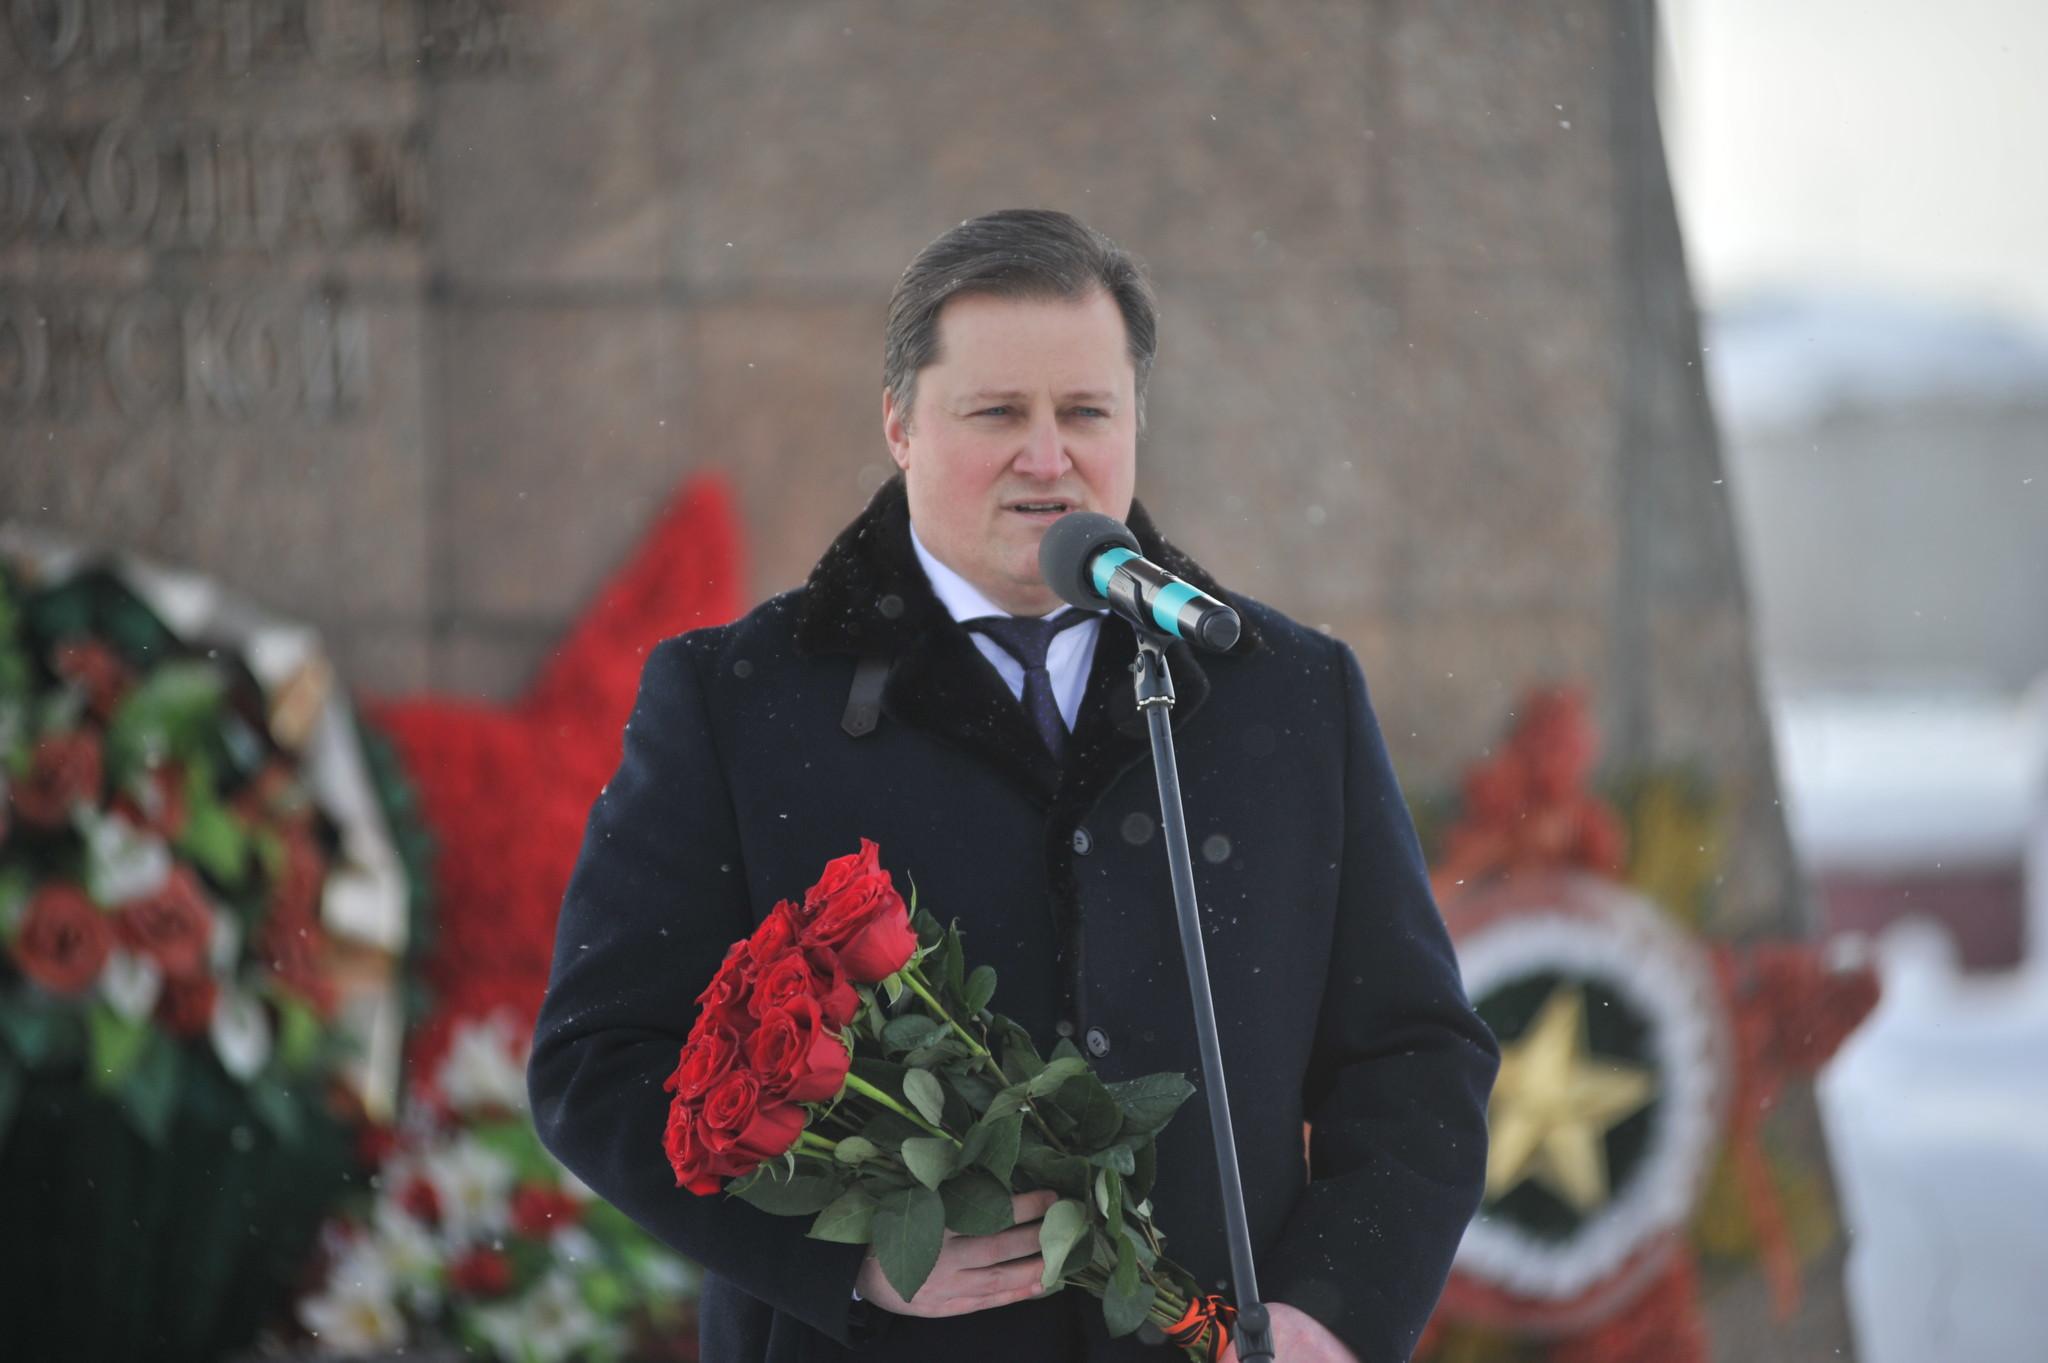 С приветственным словом к ветеранам локальных войн обратился заместитель генерального директора по управлению персоналом ООО «Газпром трансгаз Югорск» Андрей Годлевский